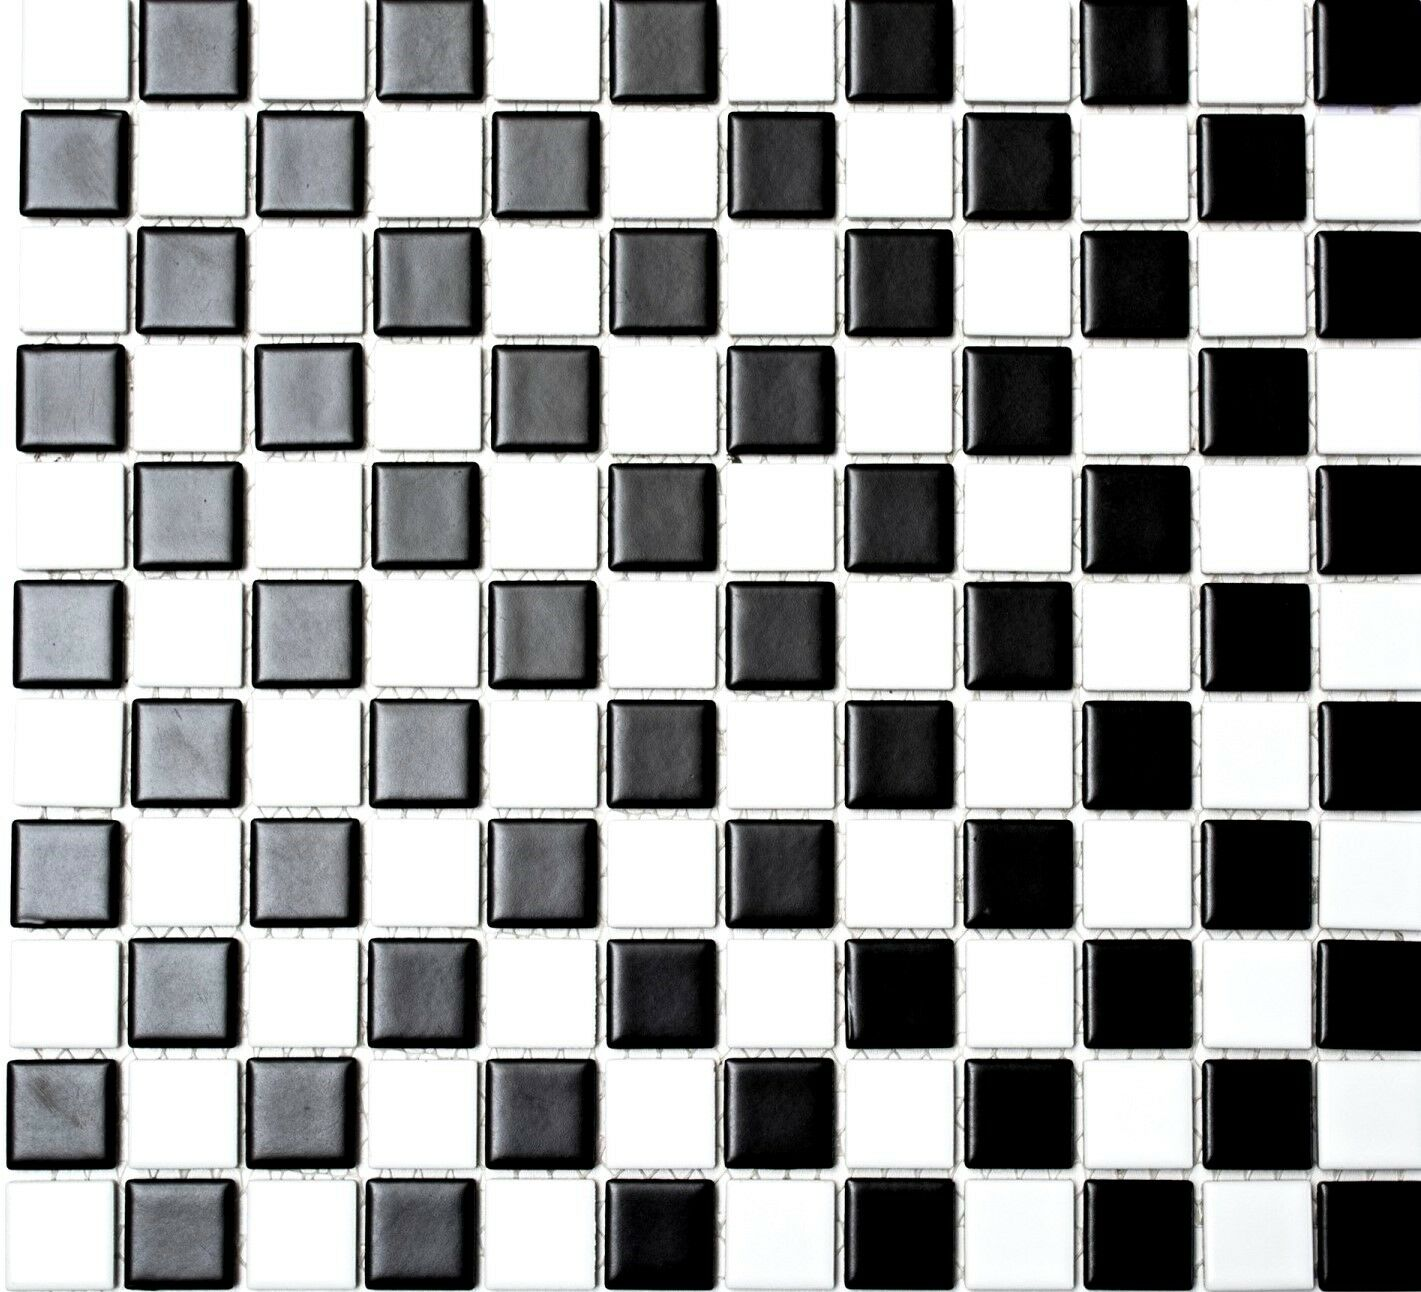 Mosaik Fliese Keramik schachbrett schwarz weiß matt Küche  18-0305_f  10Matten